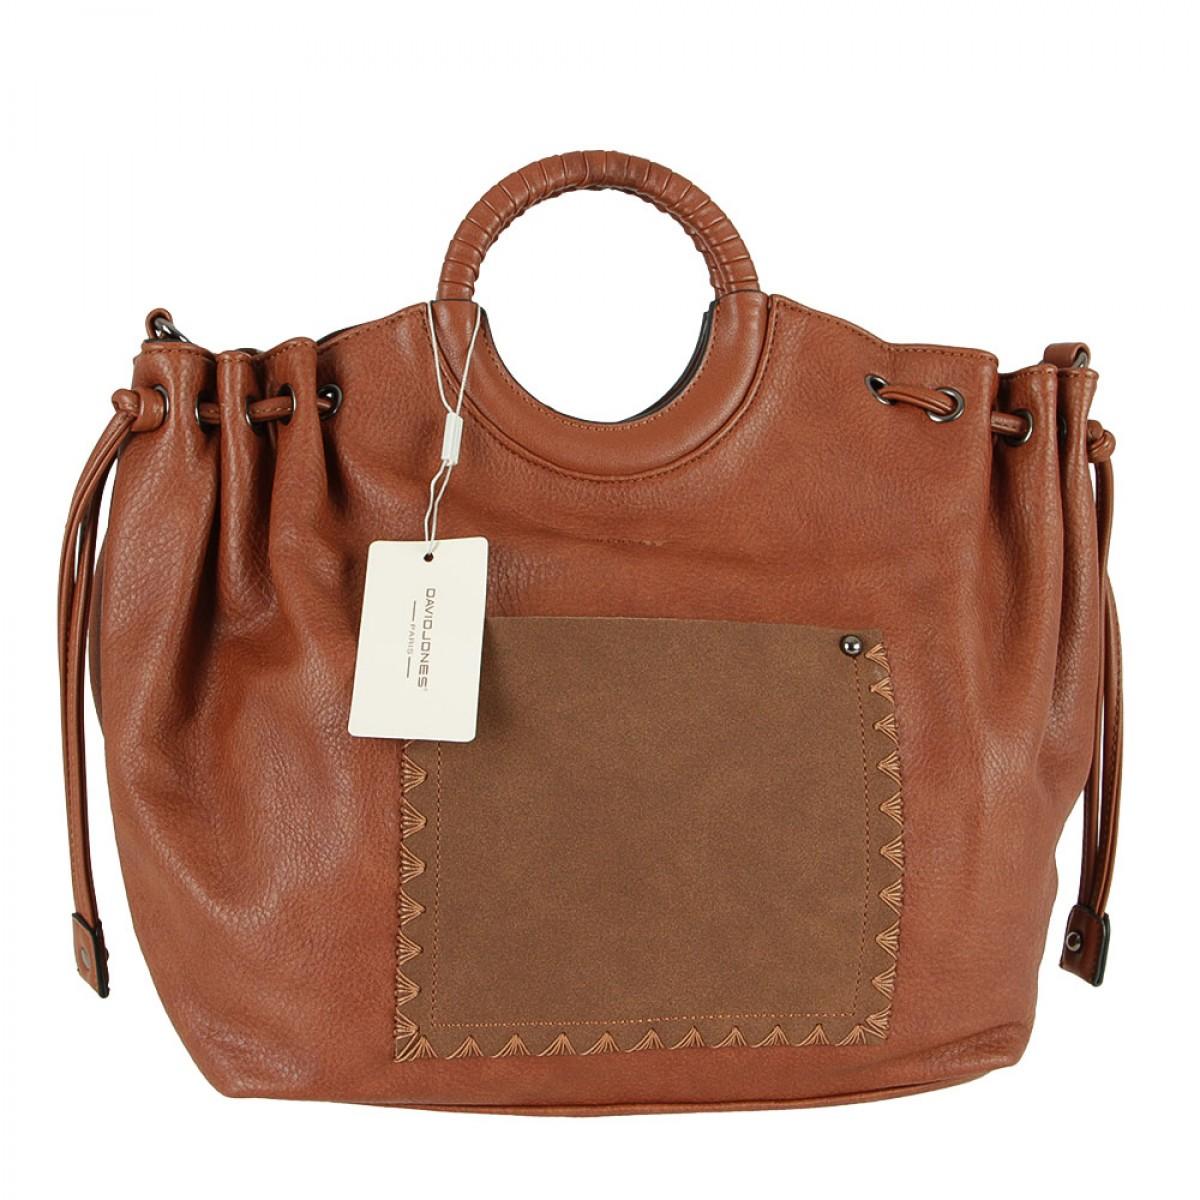 Жіноча сумка David Jones CM5508 COGNAC